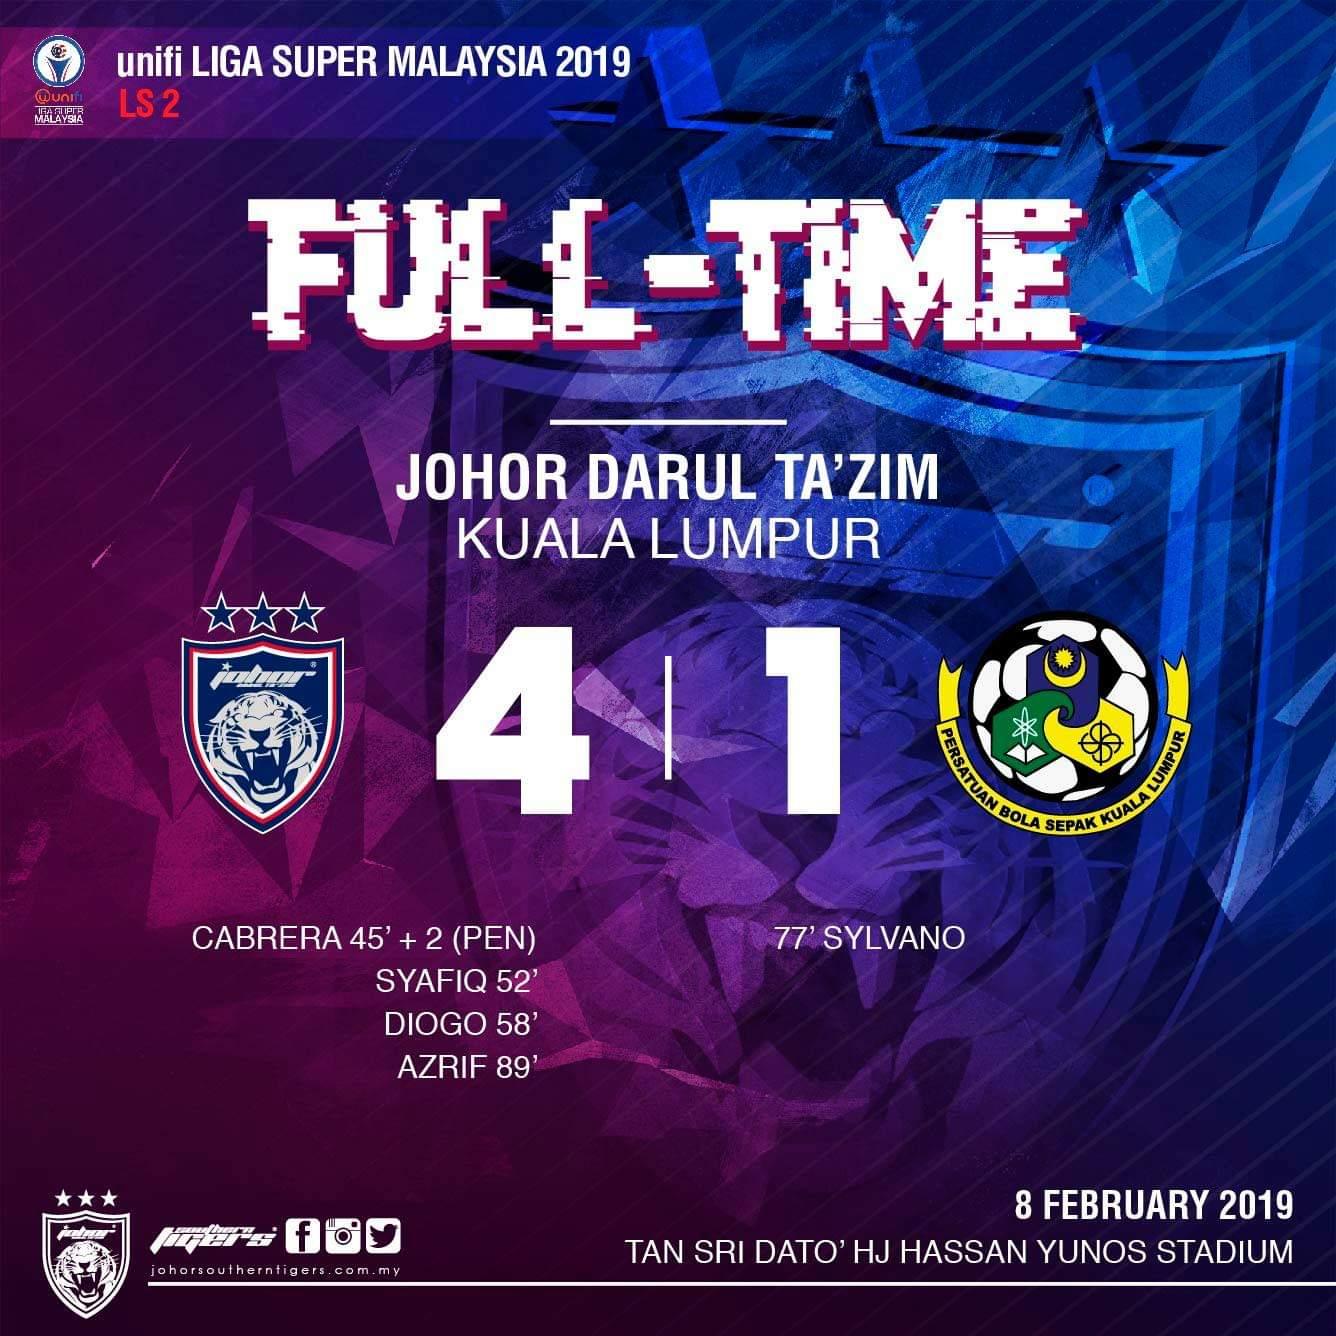 Kemenangan Kedua JDT, Kuala Lumpur FA Jadi Mangsa di Larkin